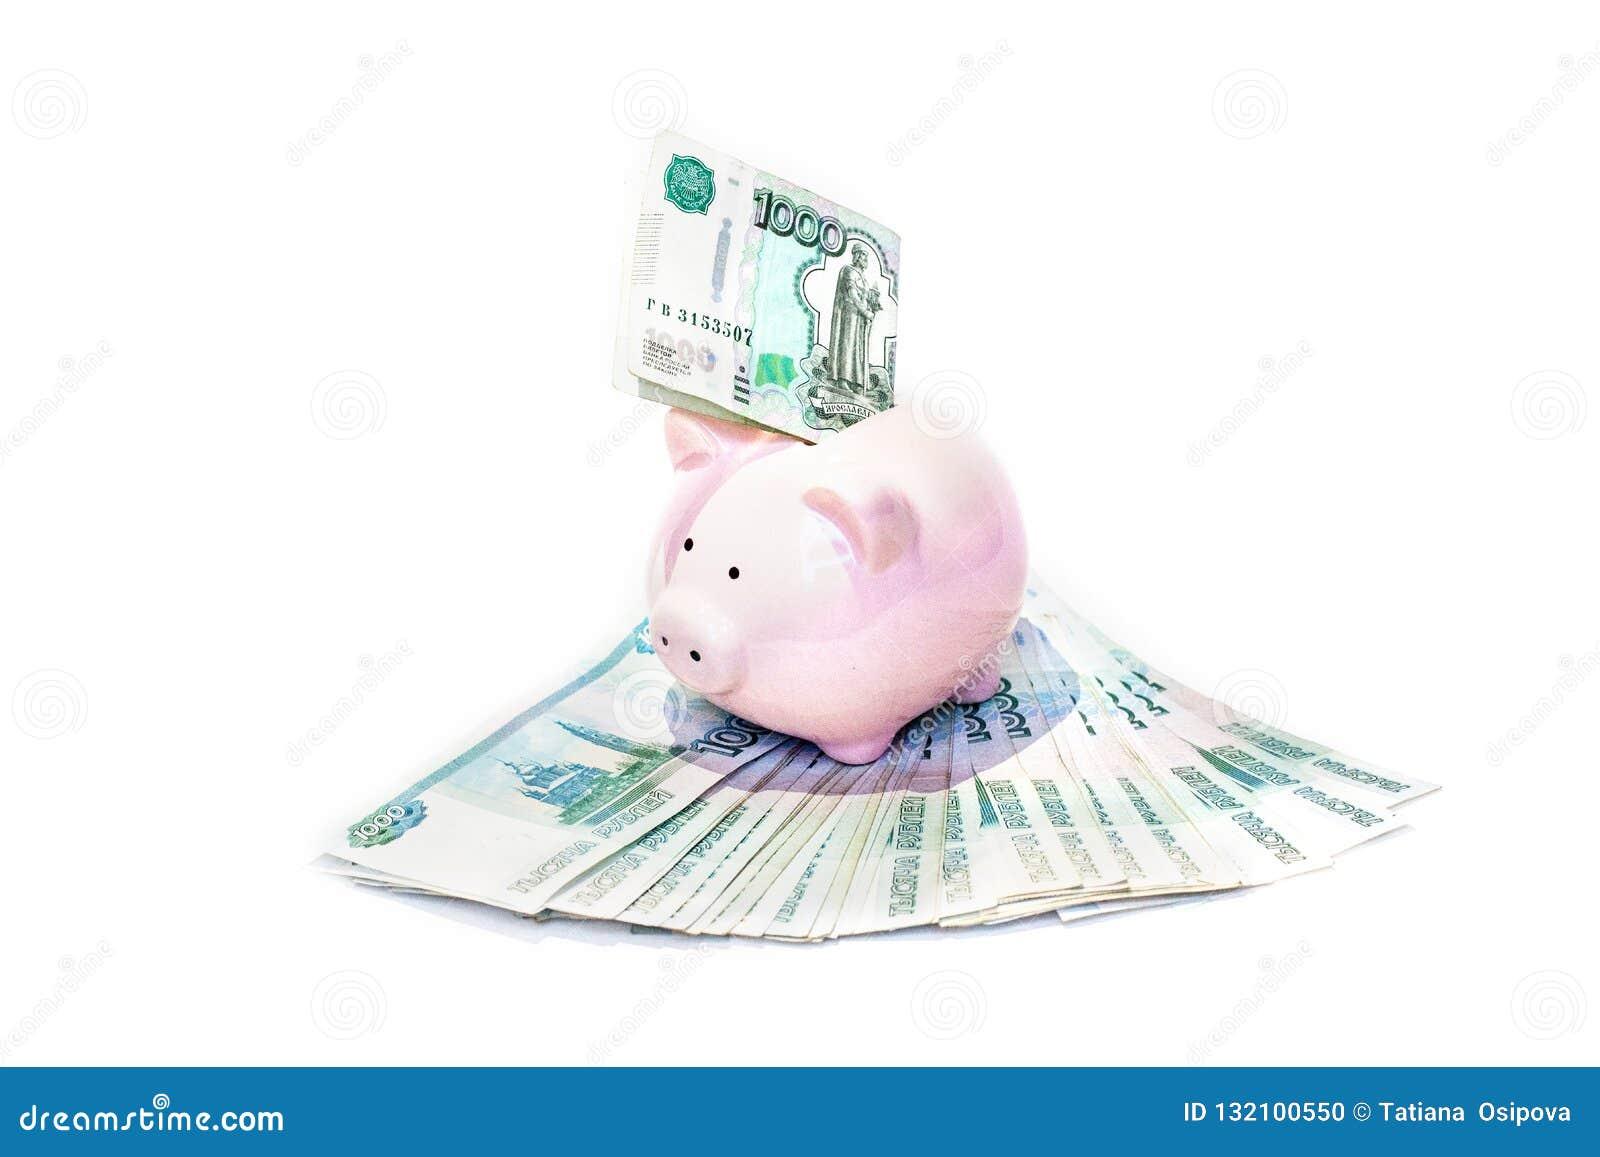 Porcellino salvadanaio rosa con una banconota inserita nella scanalatura in una pianificazione finanziaria, nel risparmio e nel c